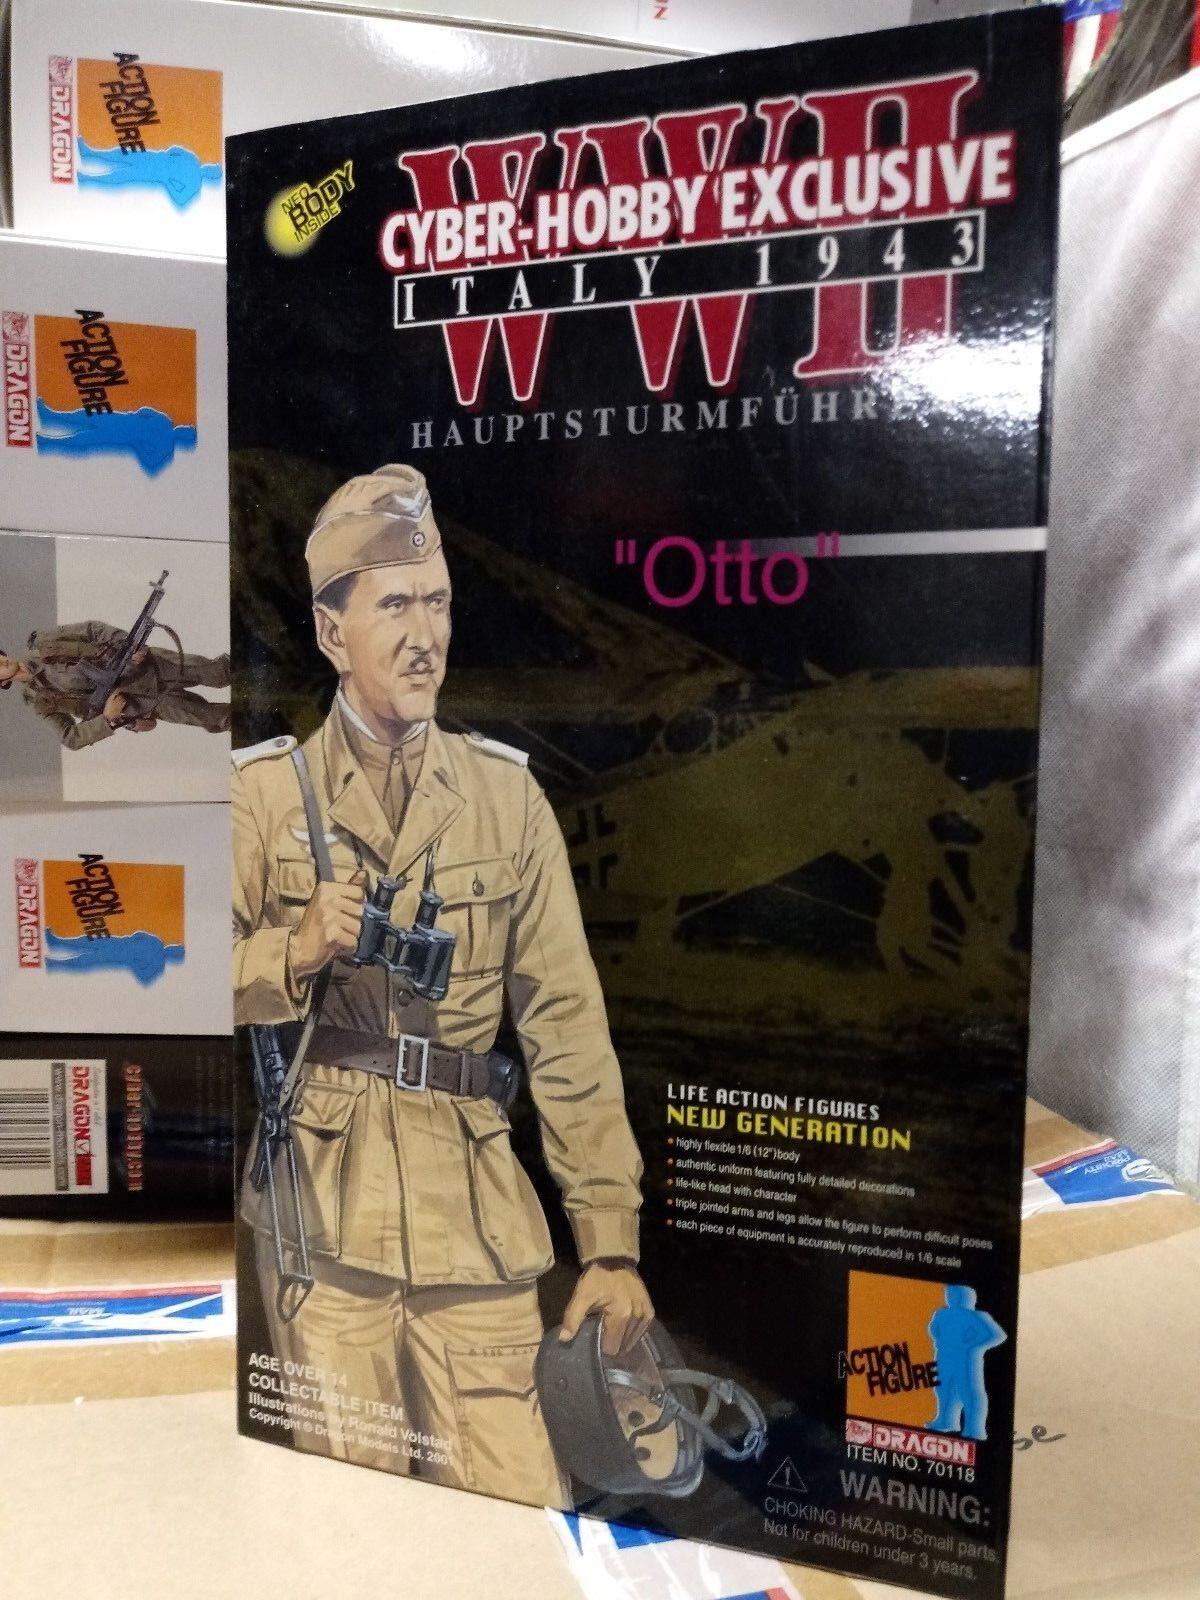 WW2 WW2 WW2  Geruomo specialeee Forces Comuomoder Otto  1943 1 6 Cyber Hobby Skorzeny d9578b